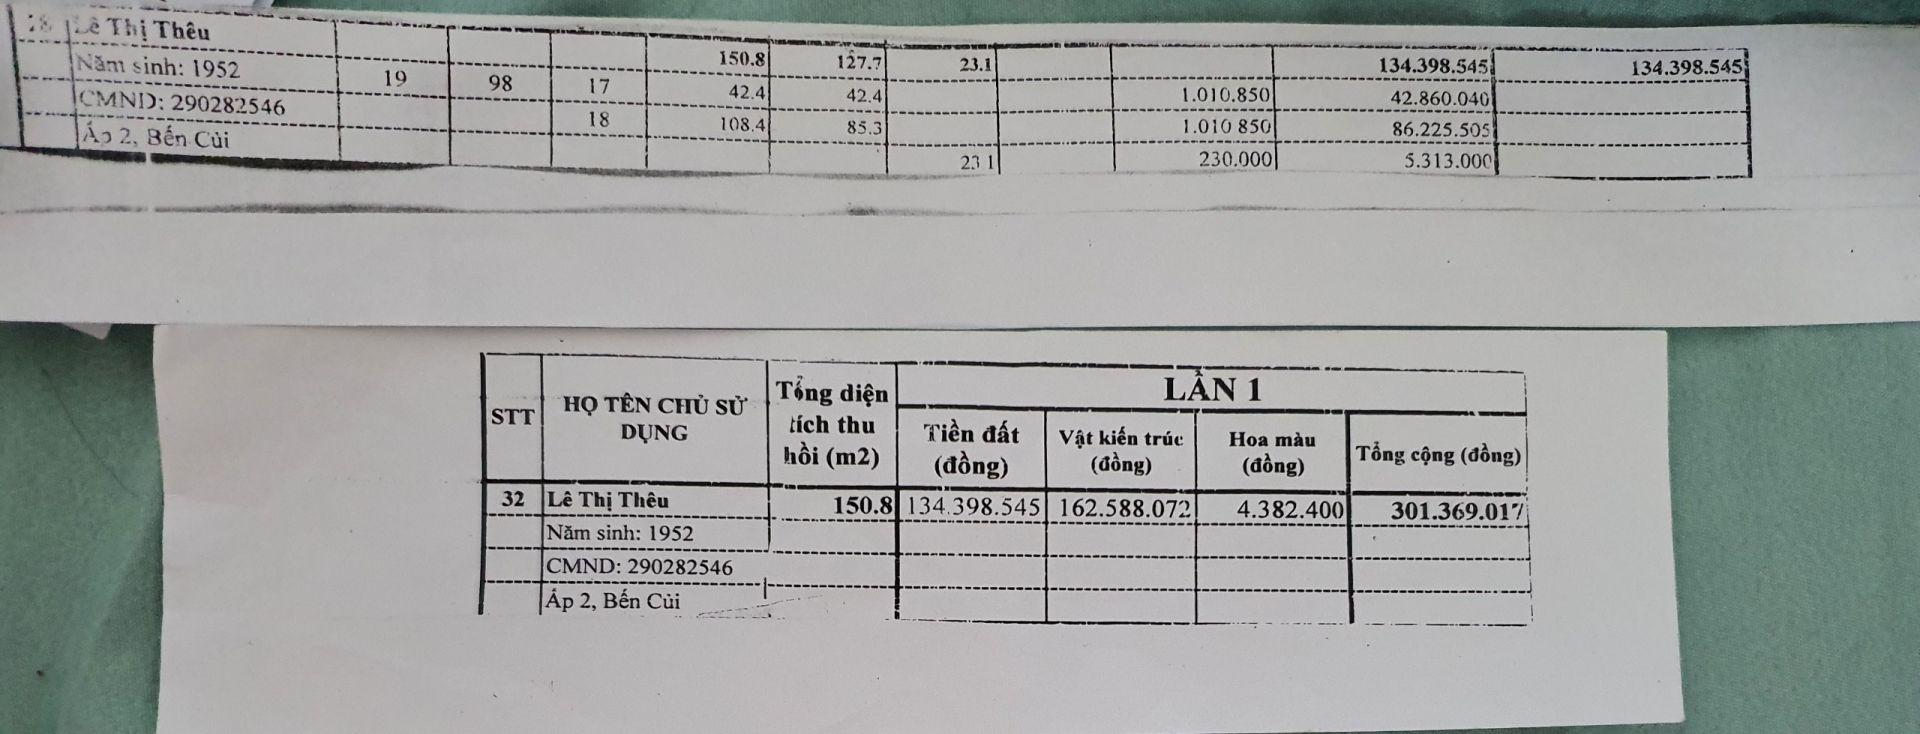 Bản chi tiết bồi thường của bà Thêu được chia làm 2 loại đất là đất ở nông thôn và đất trồng cây lâu năm (bản này không có ngày tháng năm, không có con dấu, cũng không có chữ ký).